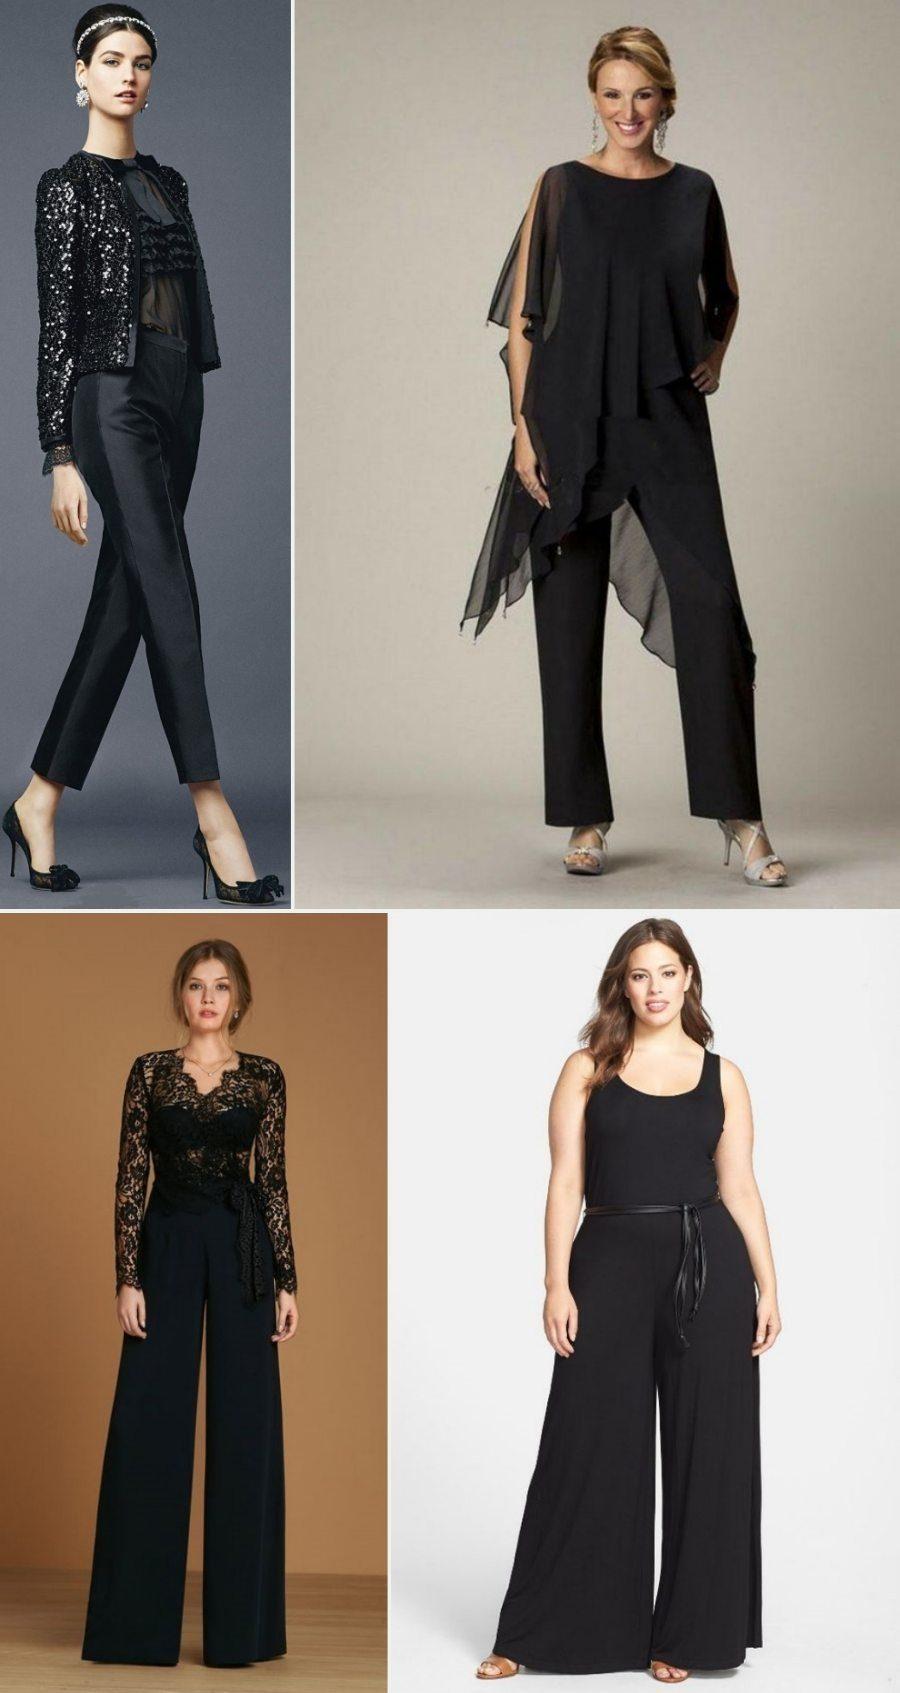 Moda anti-idade: estilos de calça para festa